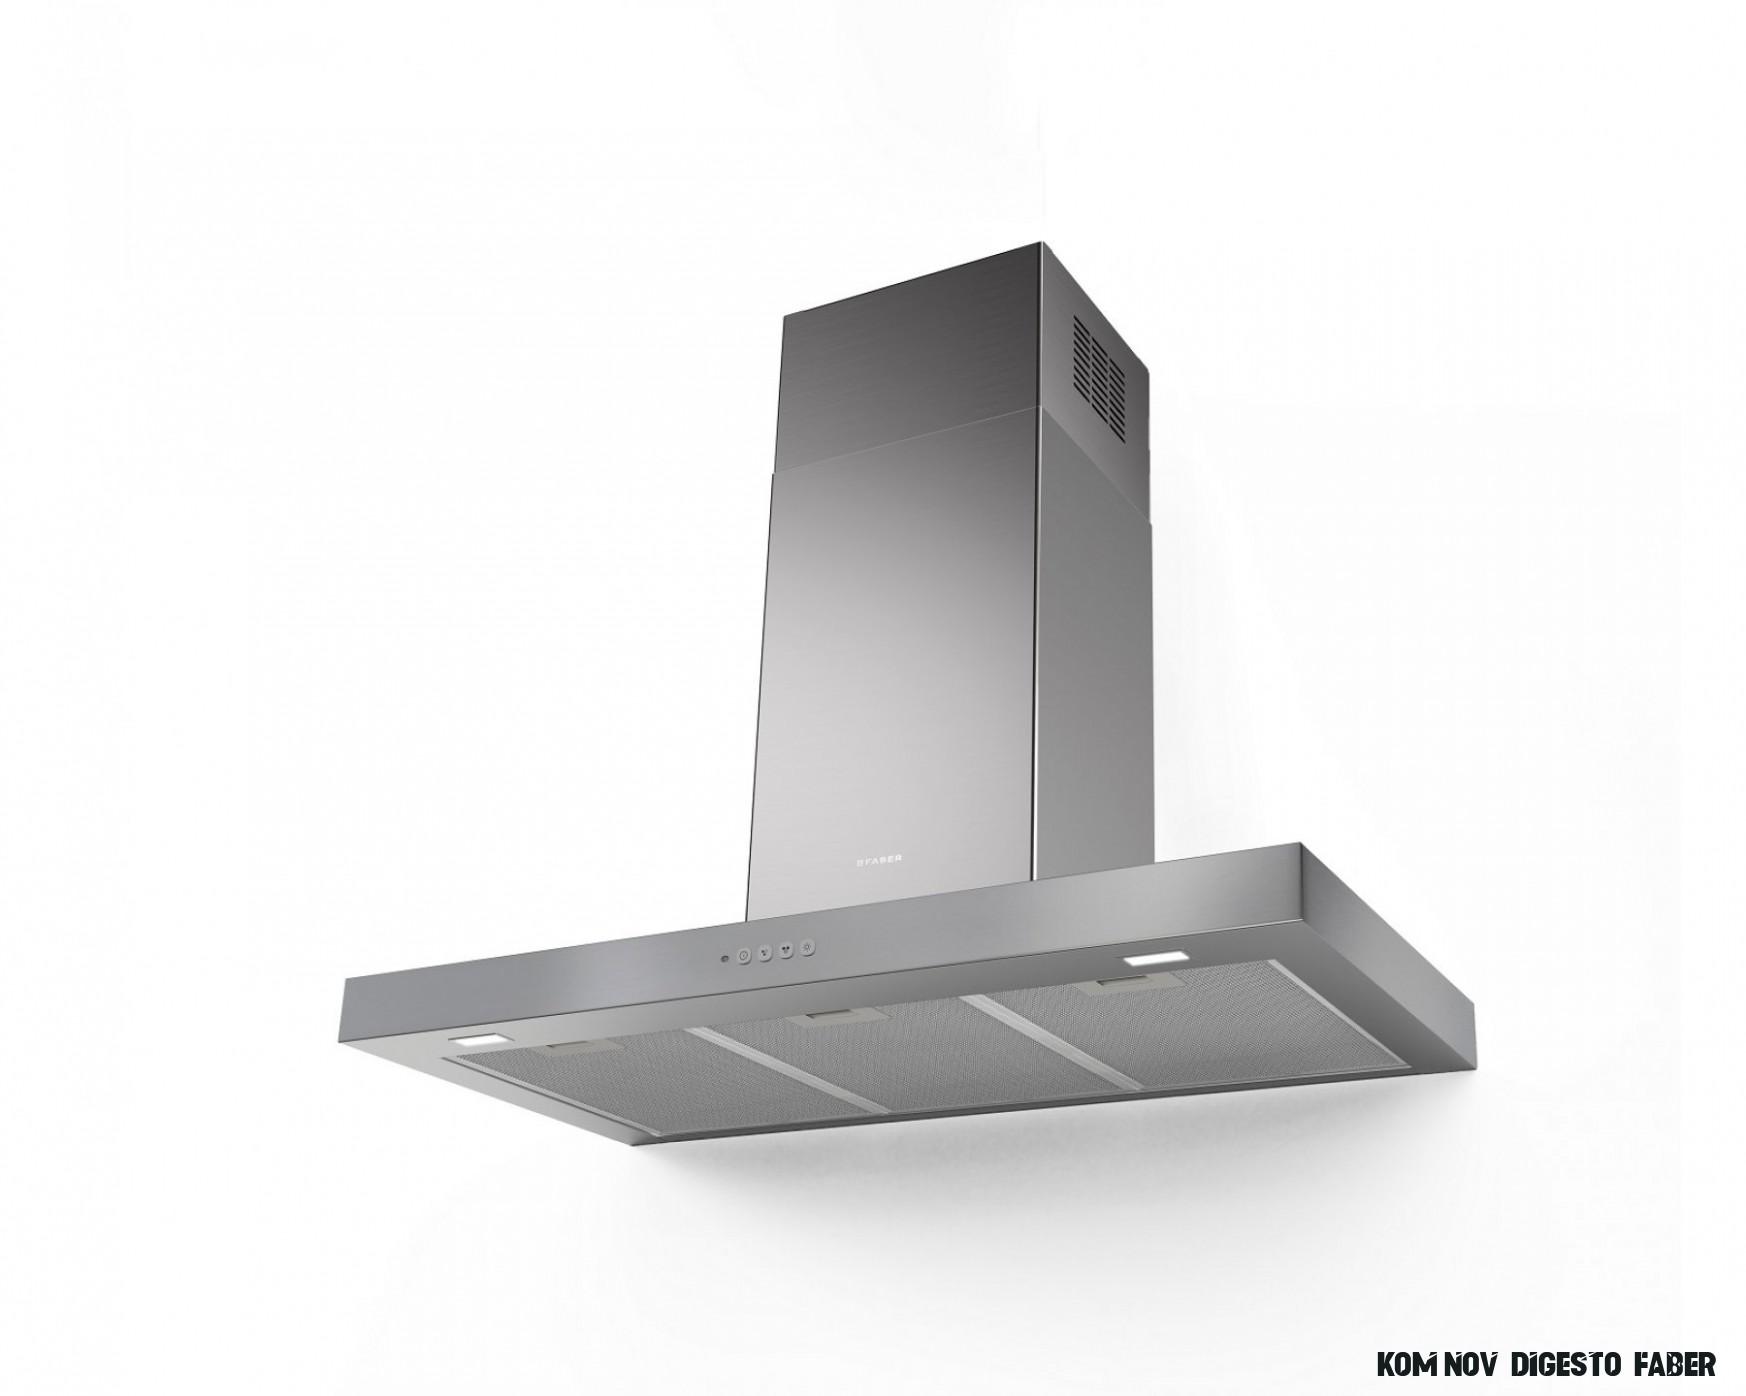 Komínová digestoř 10cm Faber Stilo Comfort X A10, nerez  Koupelny